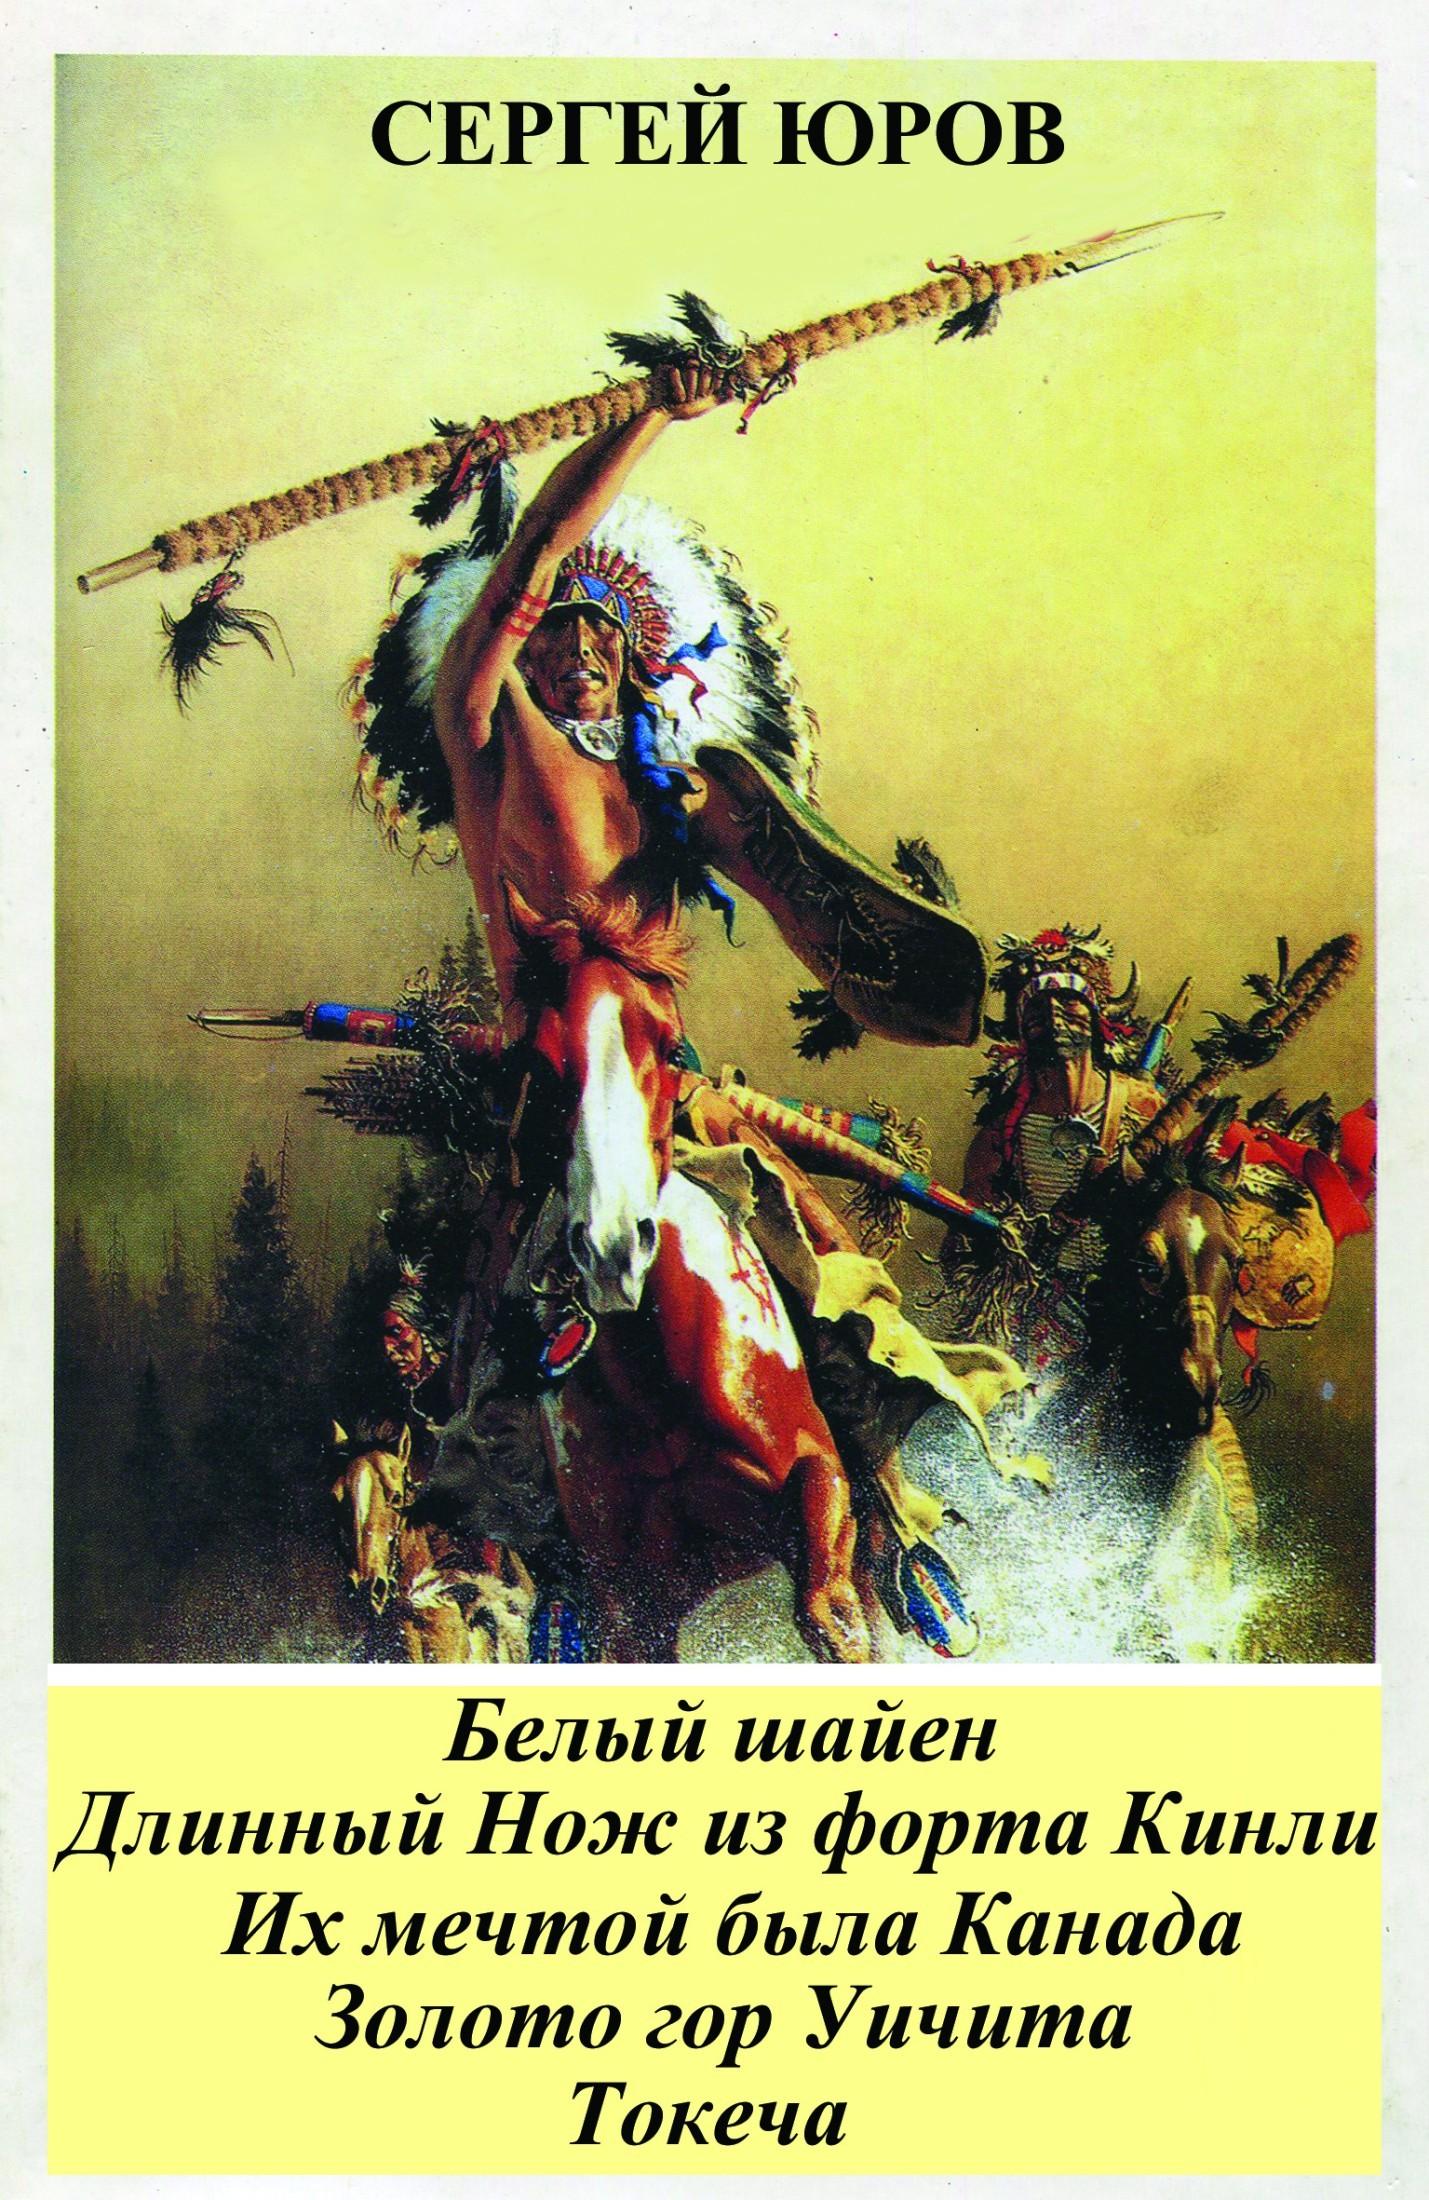 занимательное описание в книге Сергей Дмитриевич Юров